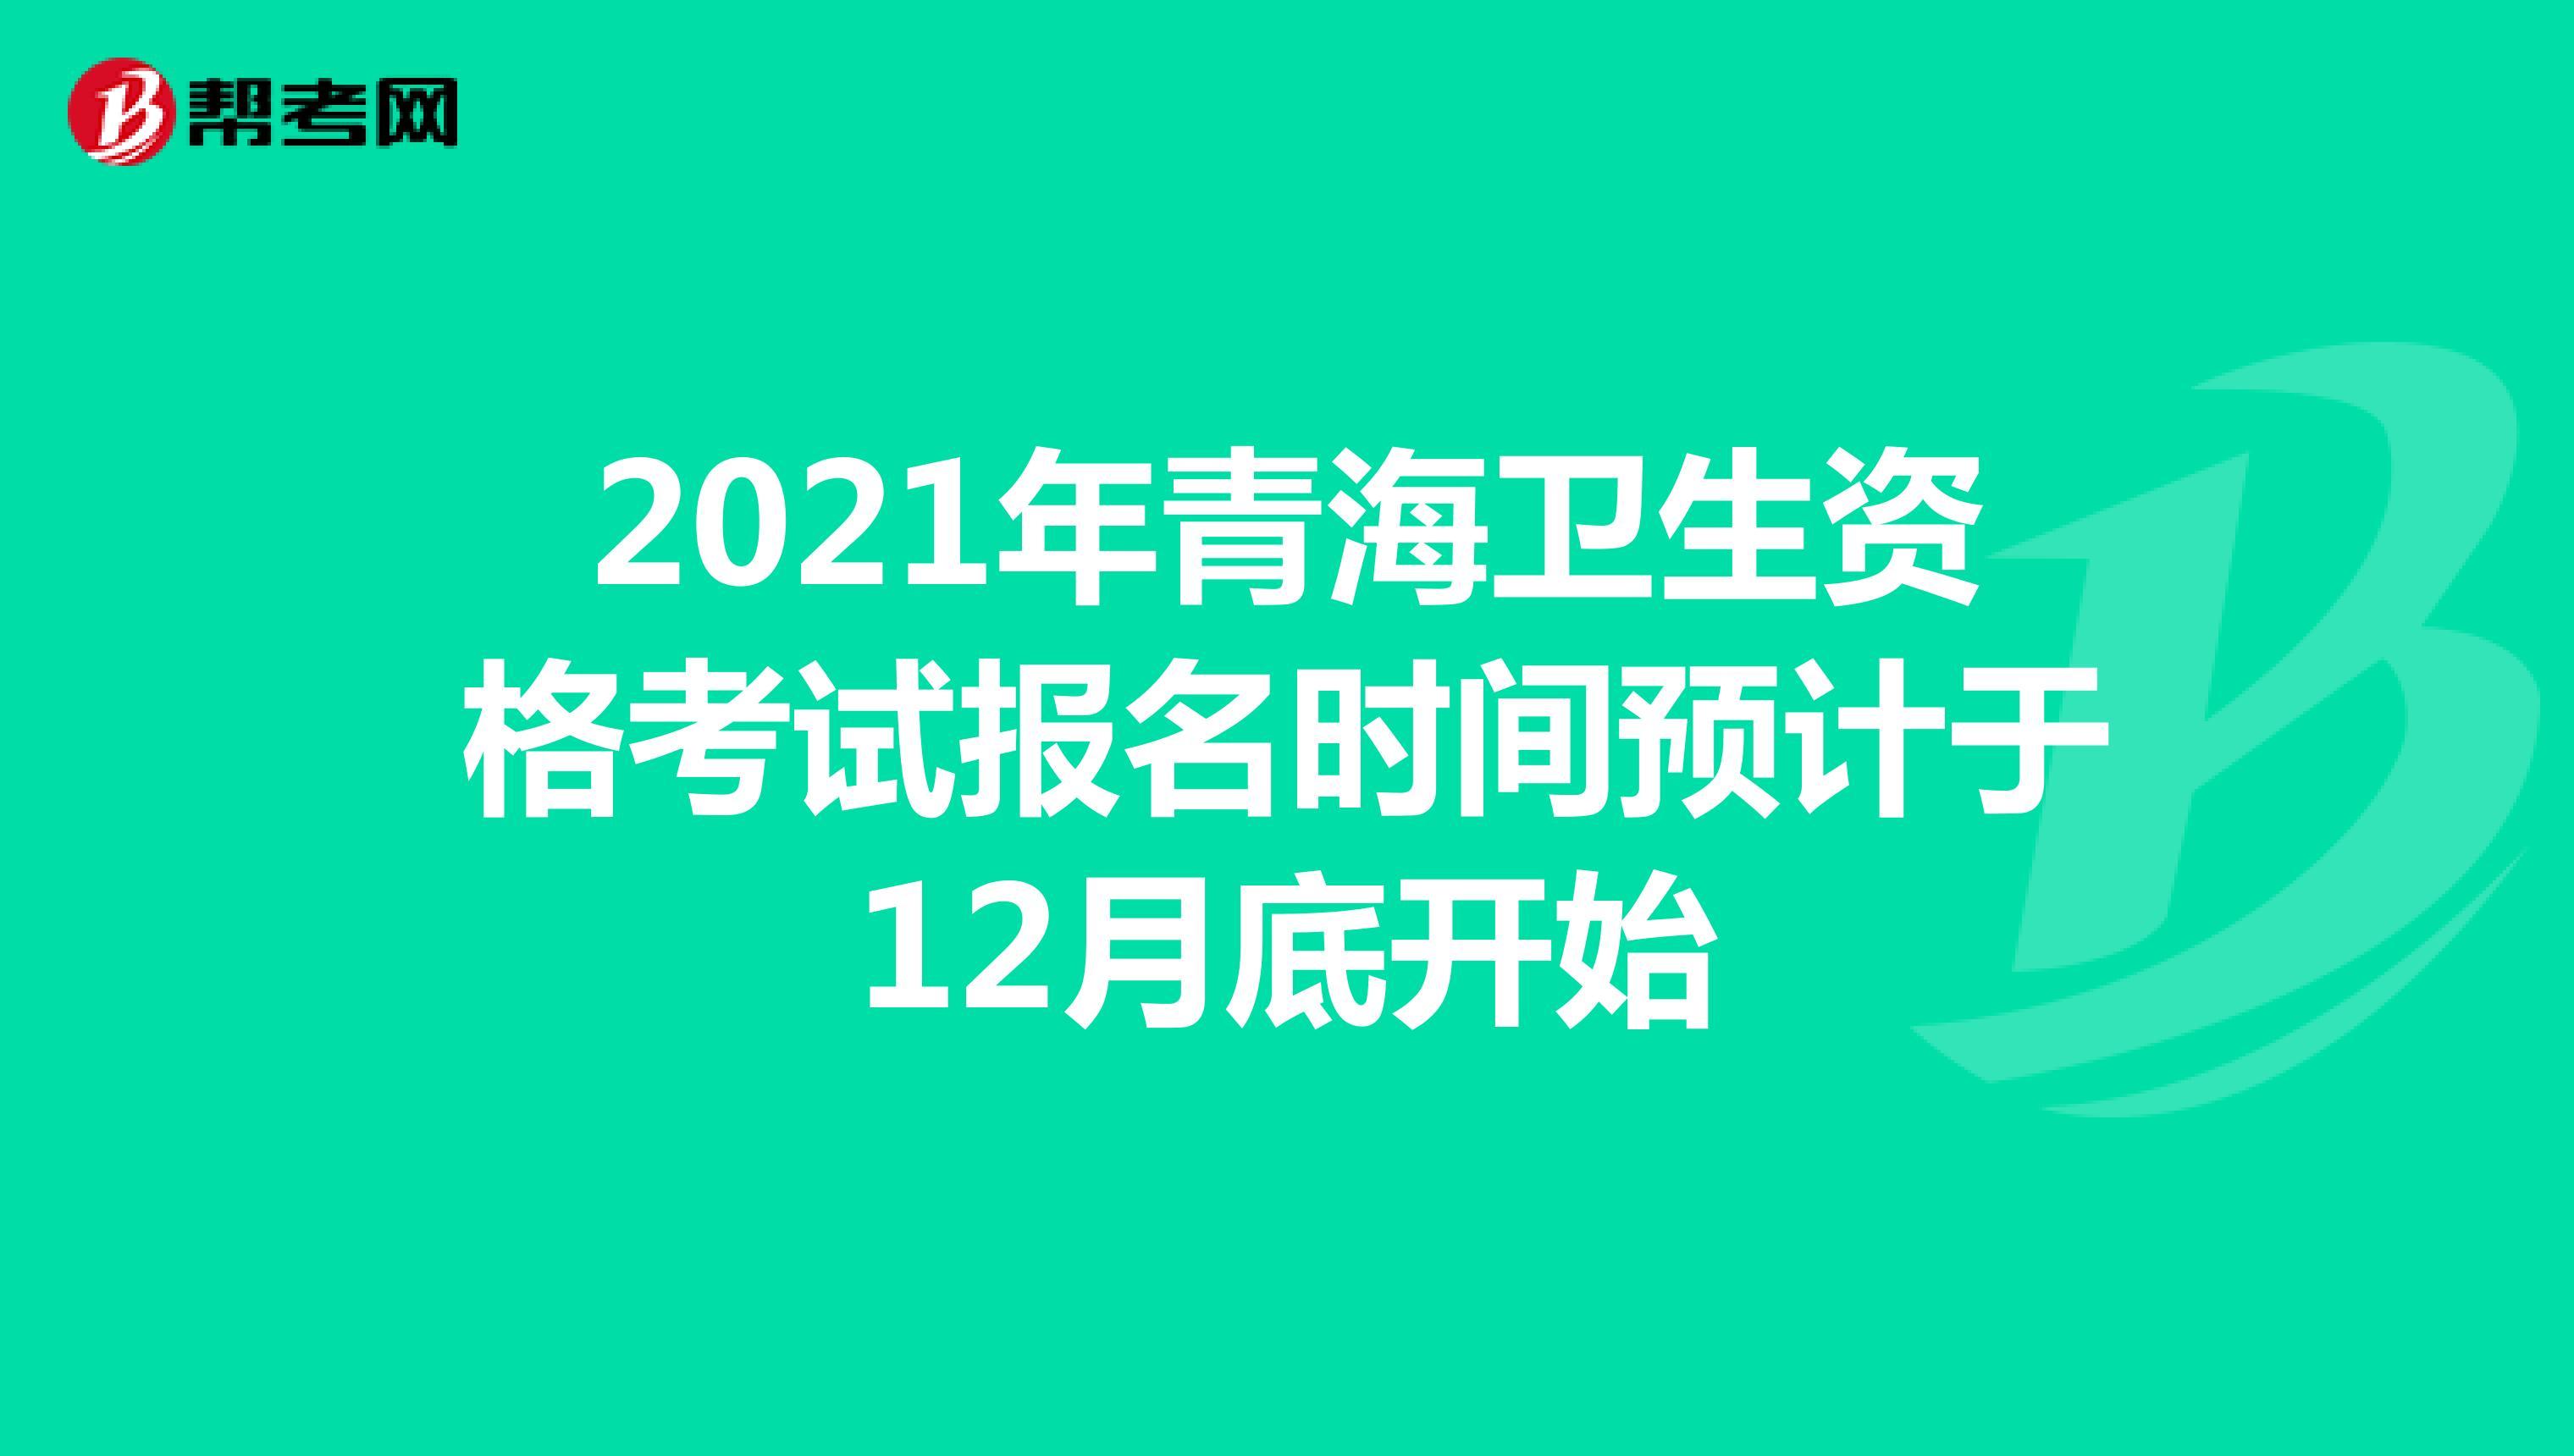 2021年青海卫生资格考试报名时间预计于12月底开始